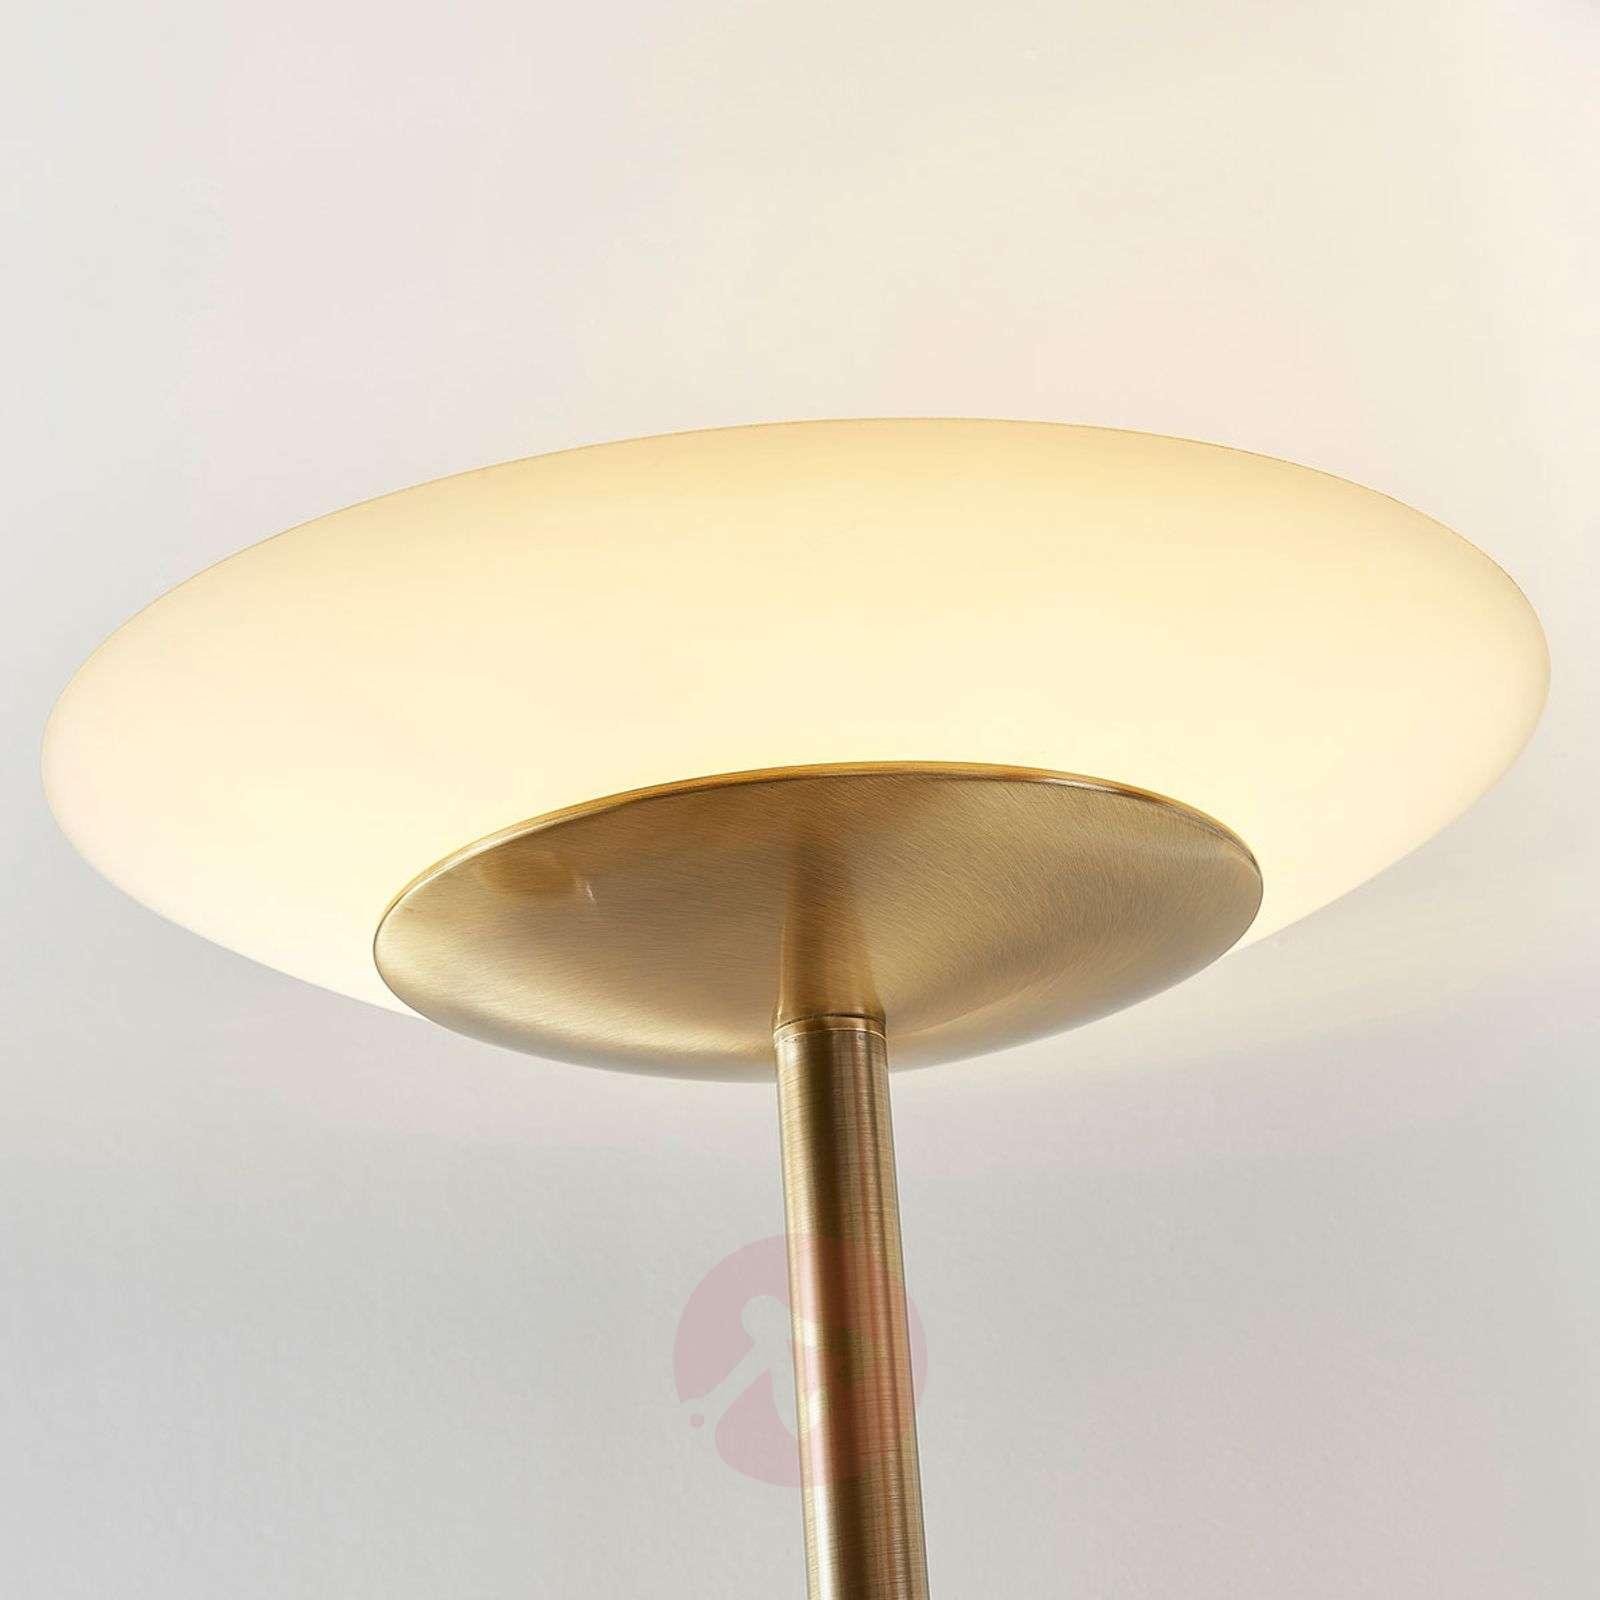 Vanhamessinki LED-lattiavalaisin Ilinca, himm.-9621478-011